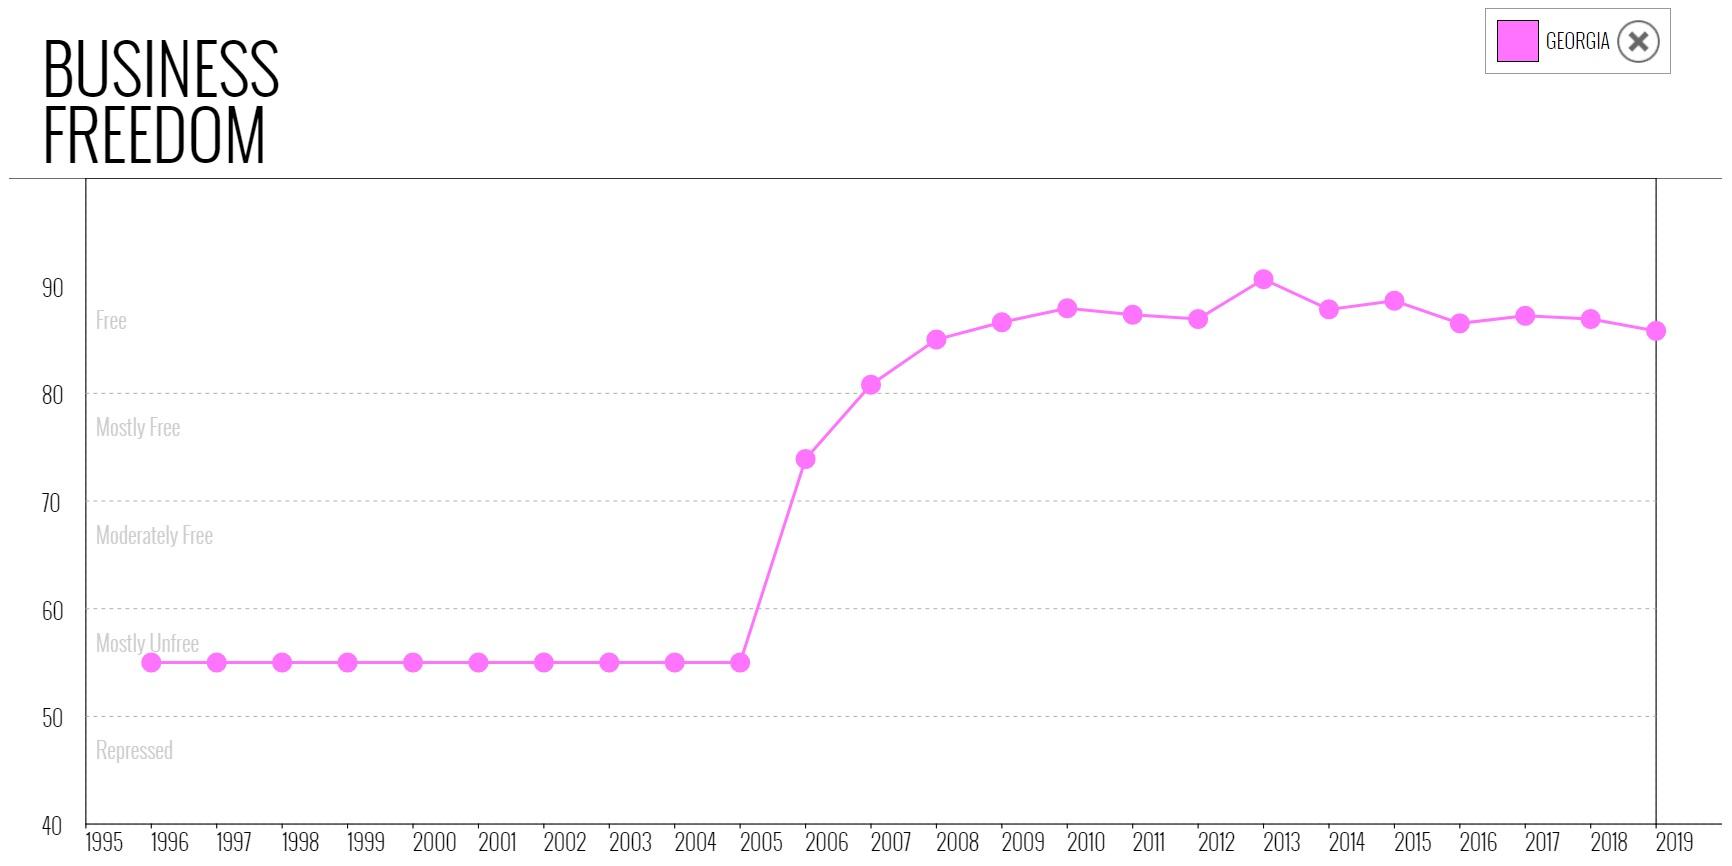 نمودار شاخص موضوع آزادی کسب و کار در گرجستان در میان سالهای 1995 تا 2019